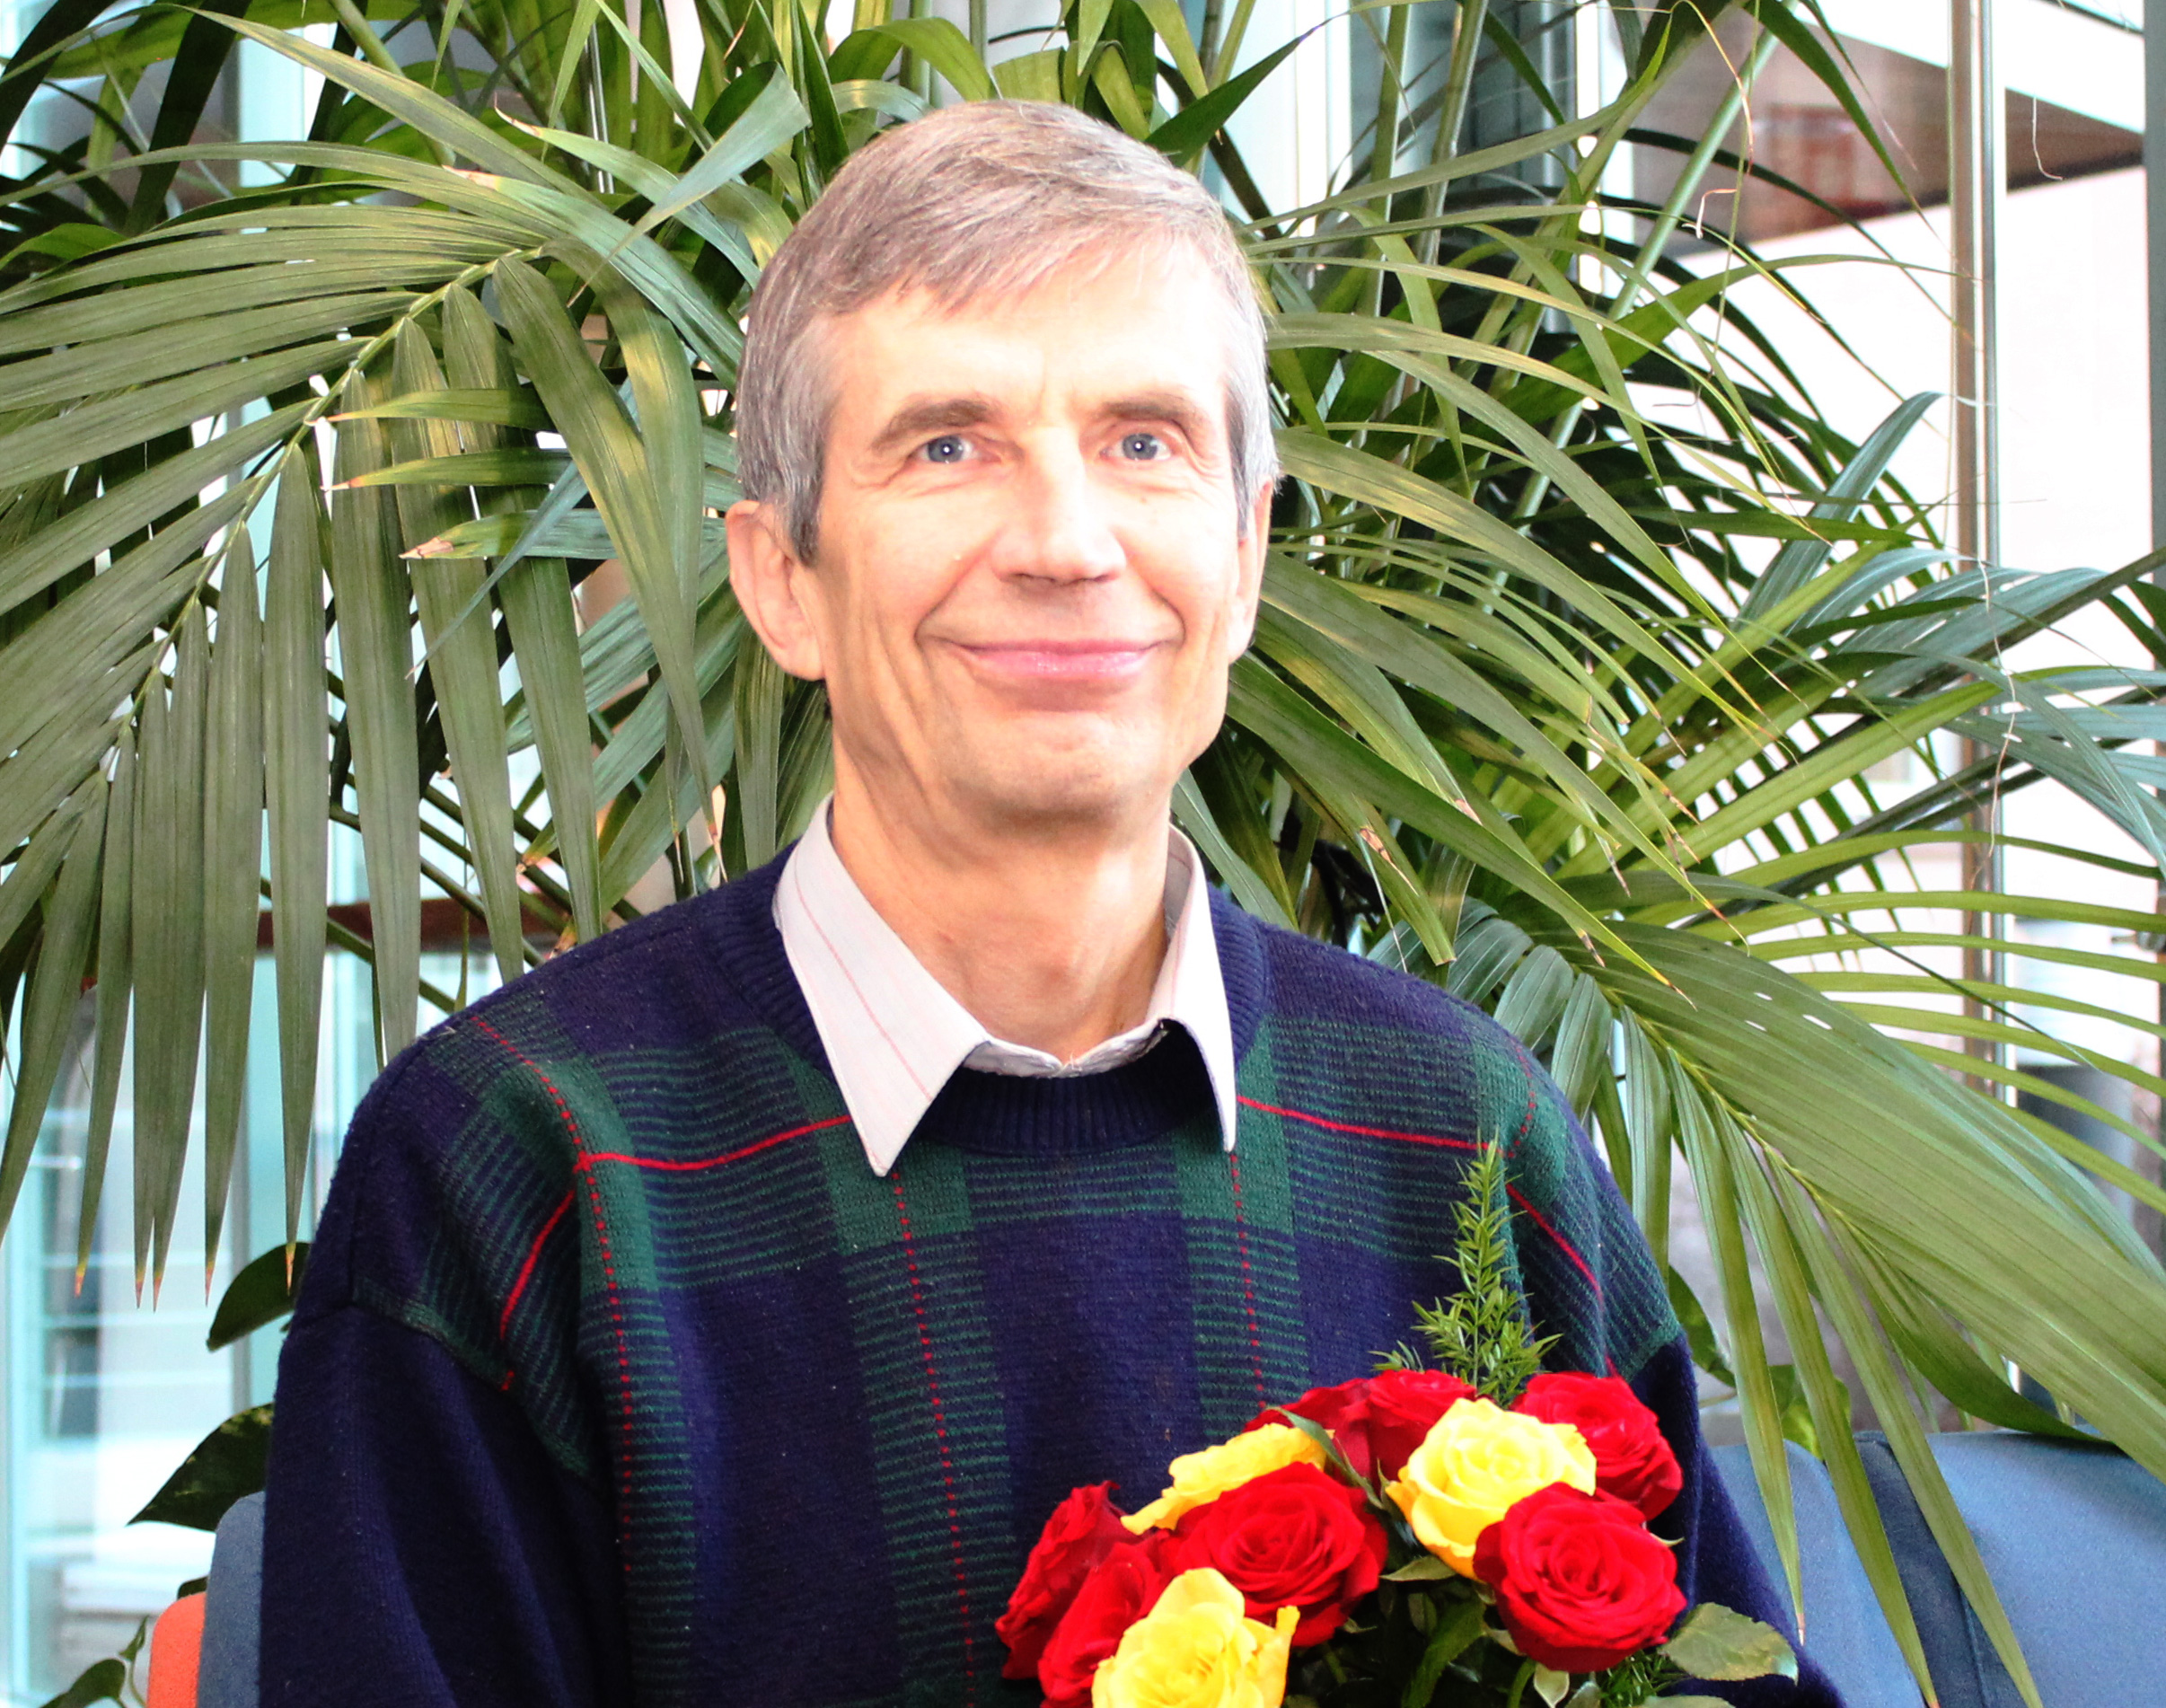 Erikoissuunnittelija Jukka Rajala vastaanotti onnittelut Hyvän Sadon tutkimuskisan vuoden 2014 voitosta tutkimusryhmän kokouksessa. Kuva: Heli Peltola.